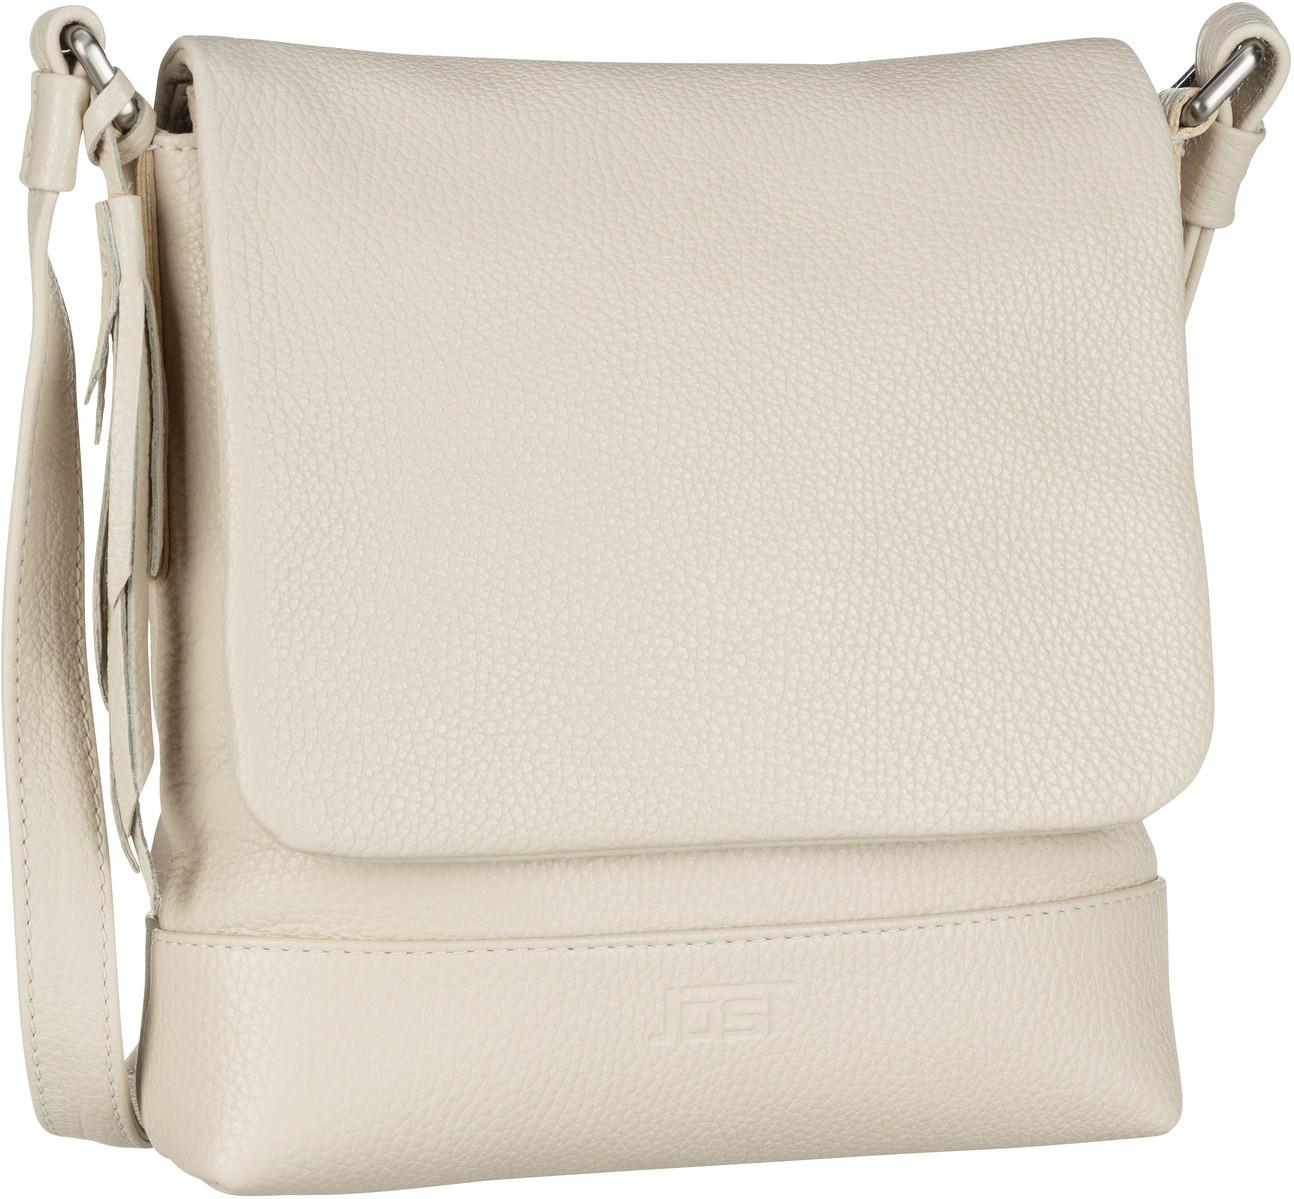 Umhängetasche Vika 1922 Shoulder Bag S Offwhite